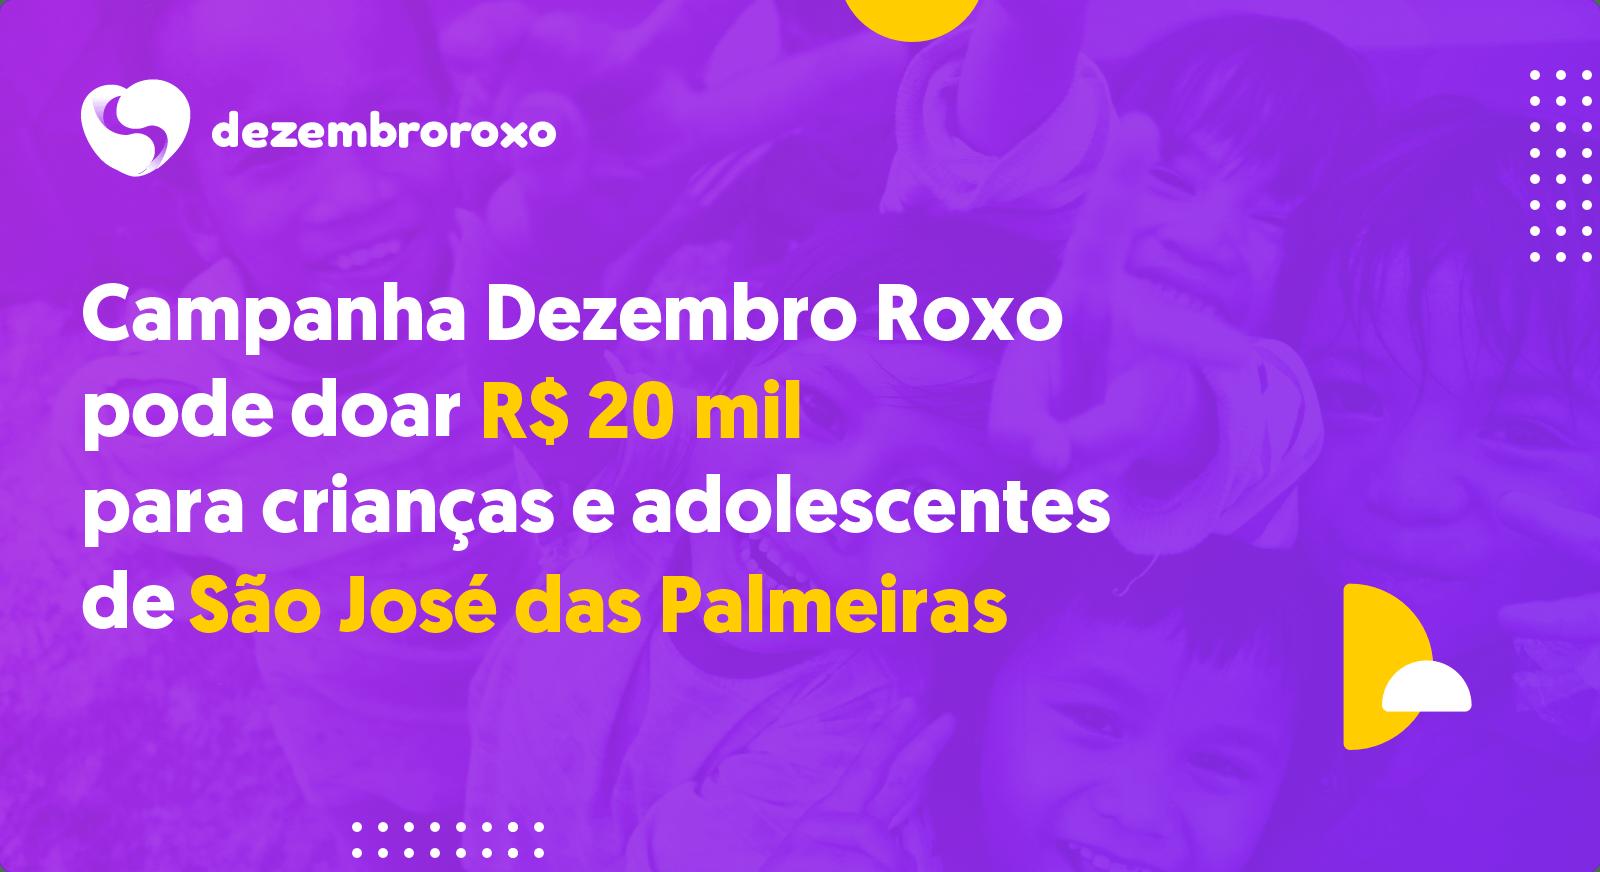 Doações em São José das Palmeiras - PR